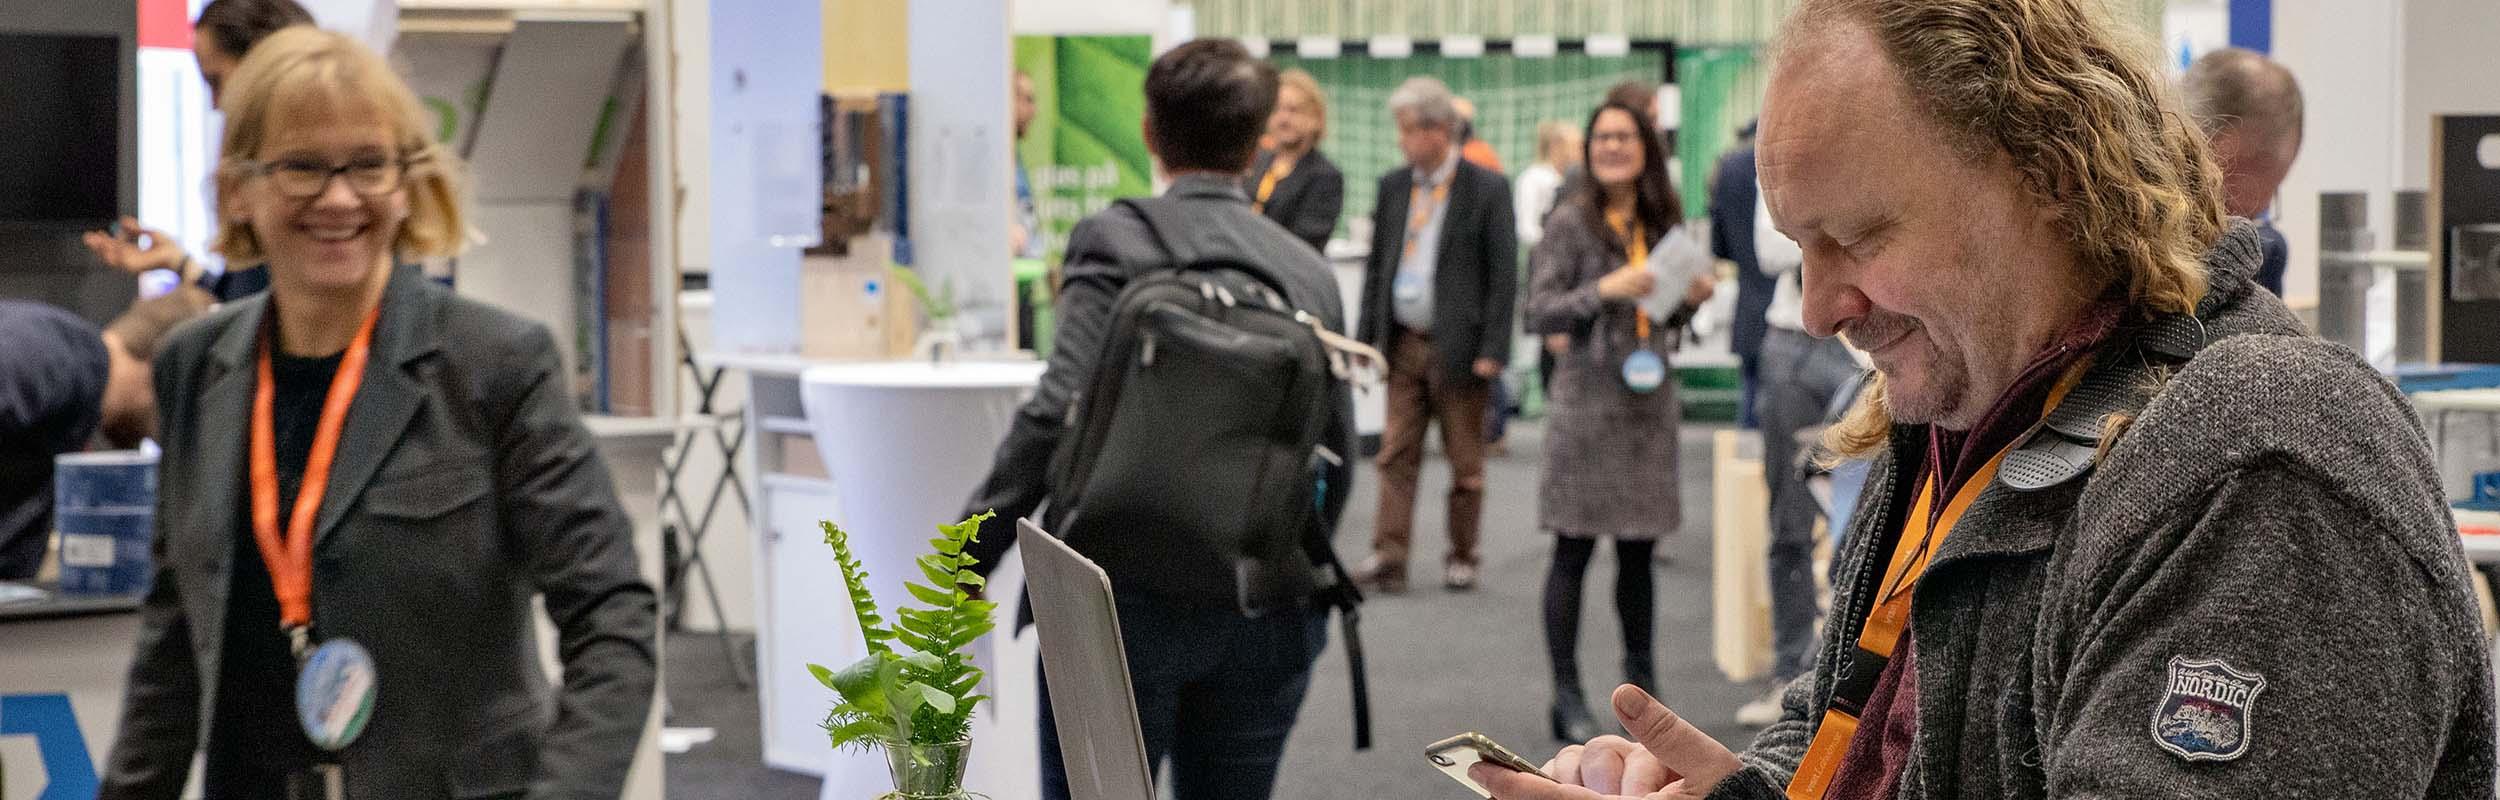 Passivhus- och hållbarhets-konferensen 24-25 okt 2019 i Laholm